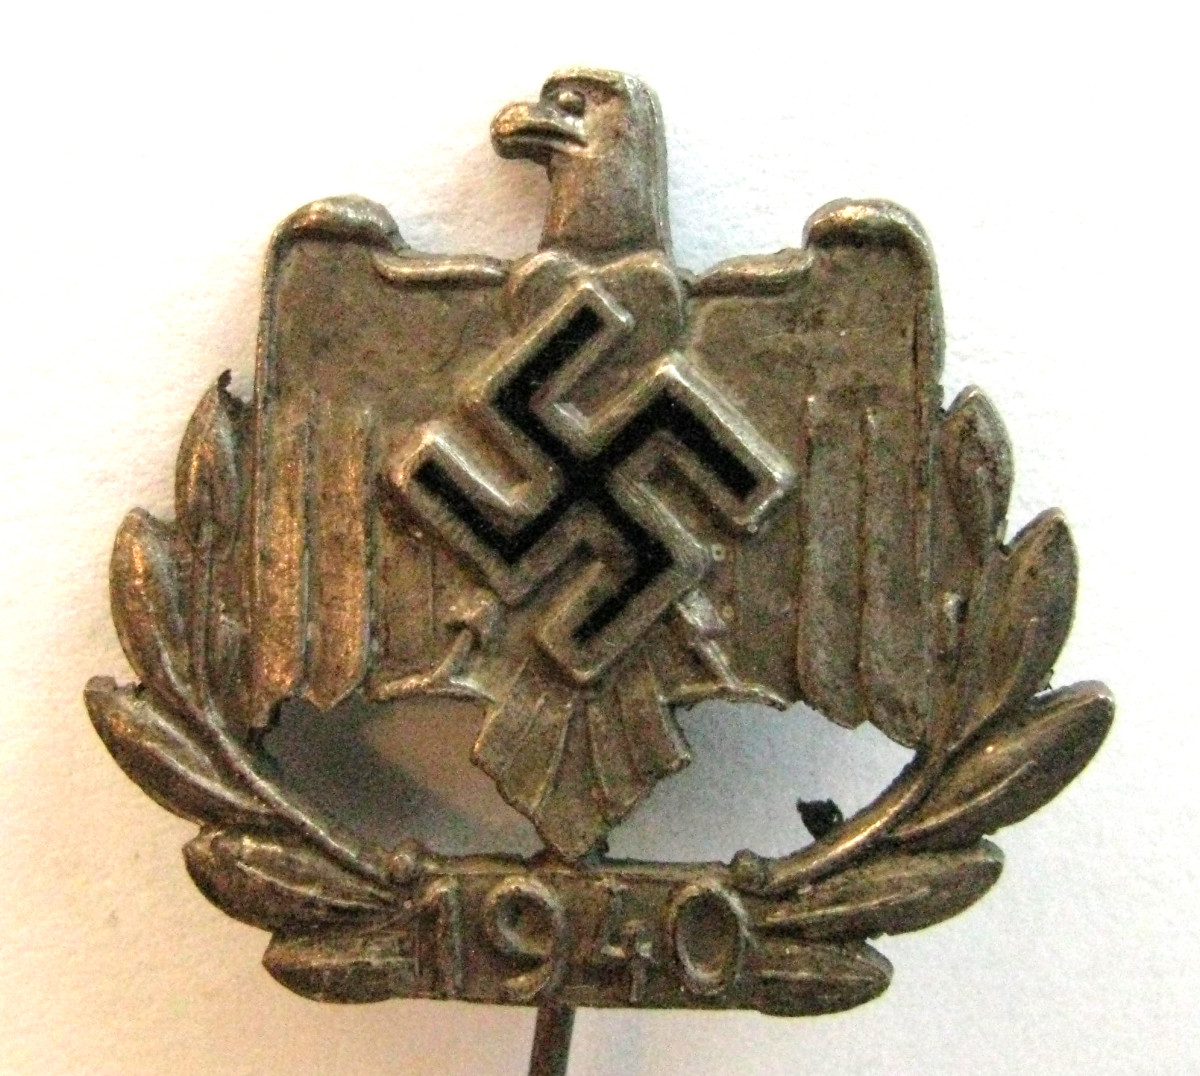 1940 honor pin for A NSRL member